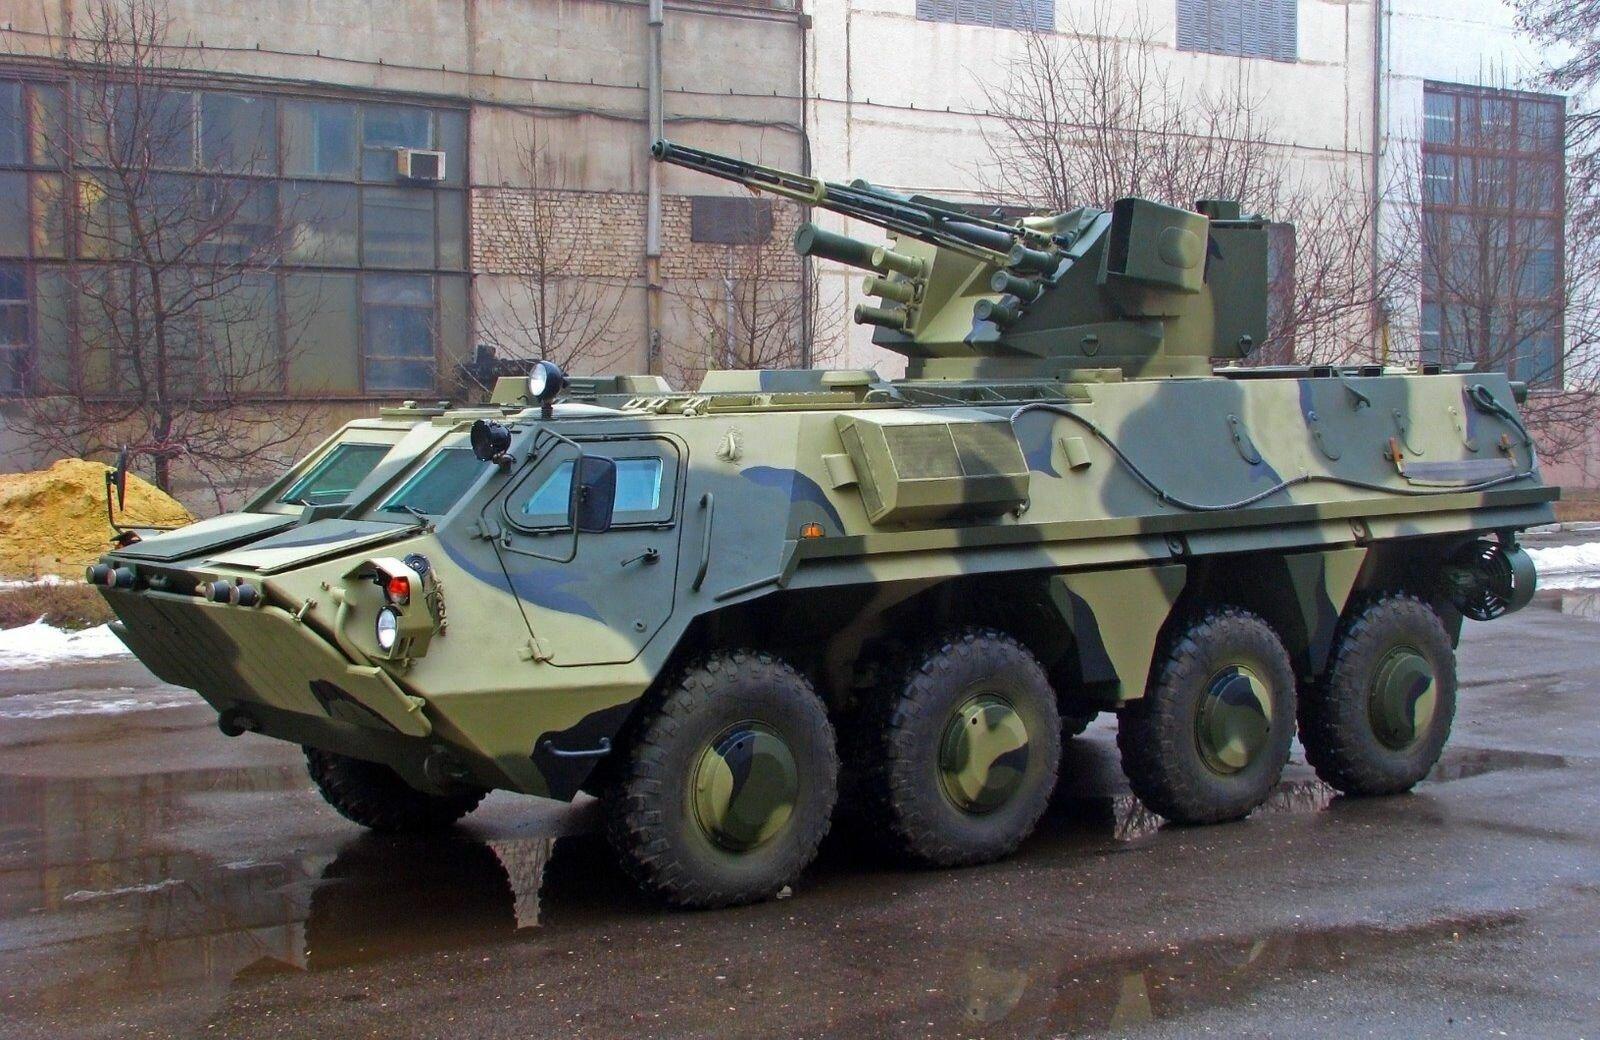 Політичний ефект буде величезний - по російських агресорах застосовуватиметься зброя НАТО, - Бутусов про поставки канадської бронетехніки - Цензор.НЕТ 3628